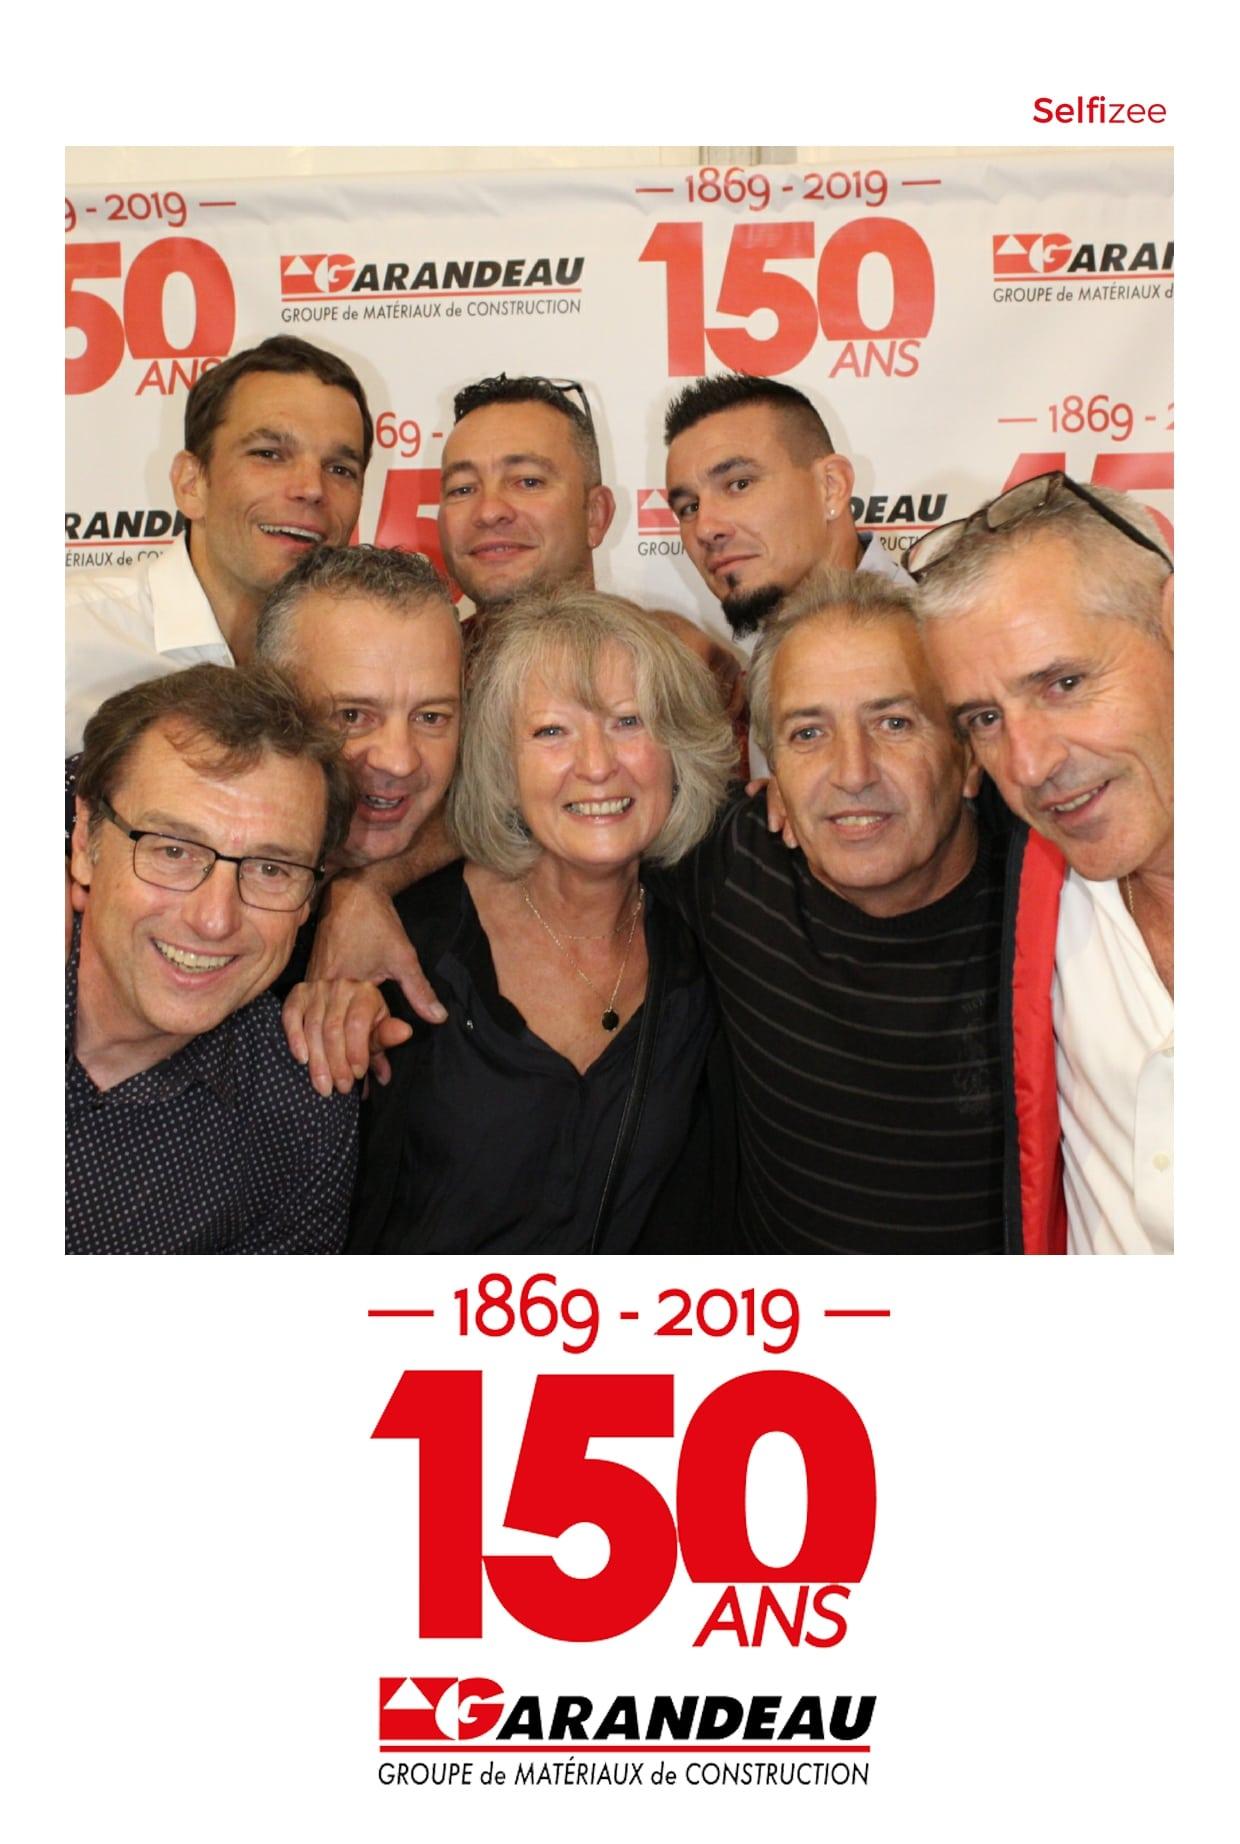 Animation borne photo pour selfie fête anniversaire groupe Garandeau à Cherves Richemont entre Rochefort et Angoulême